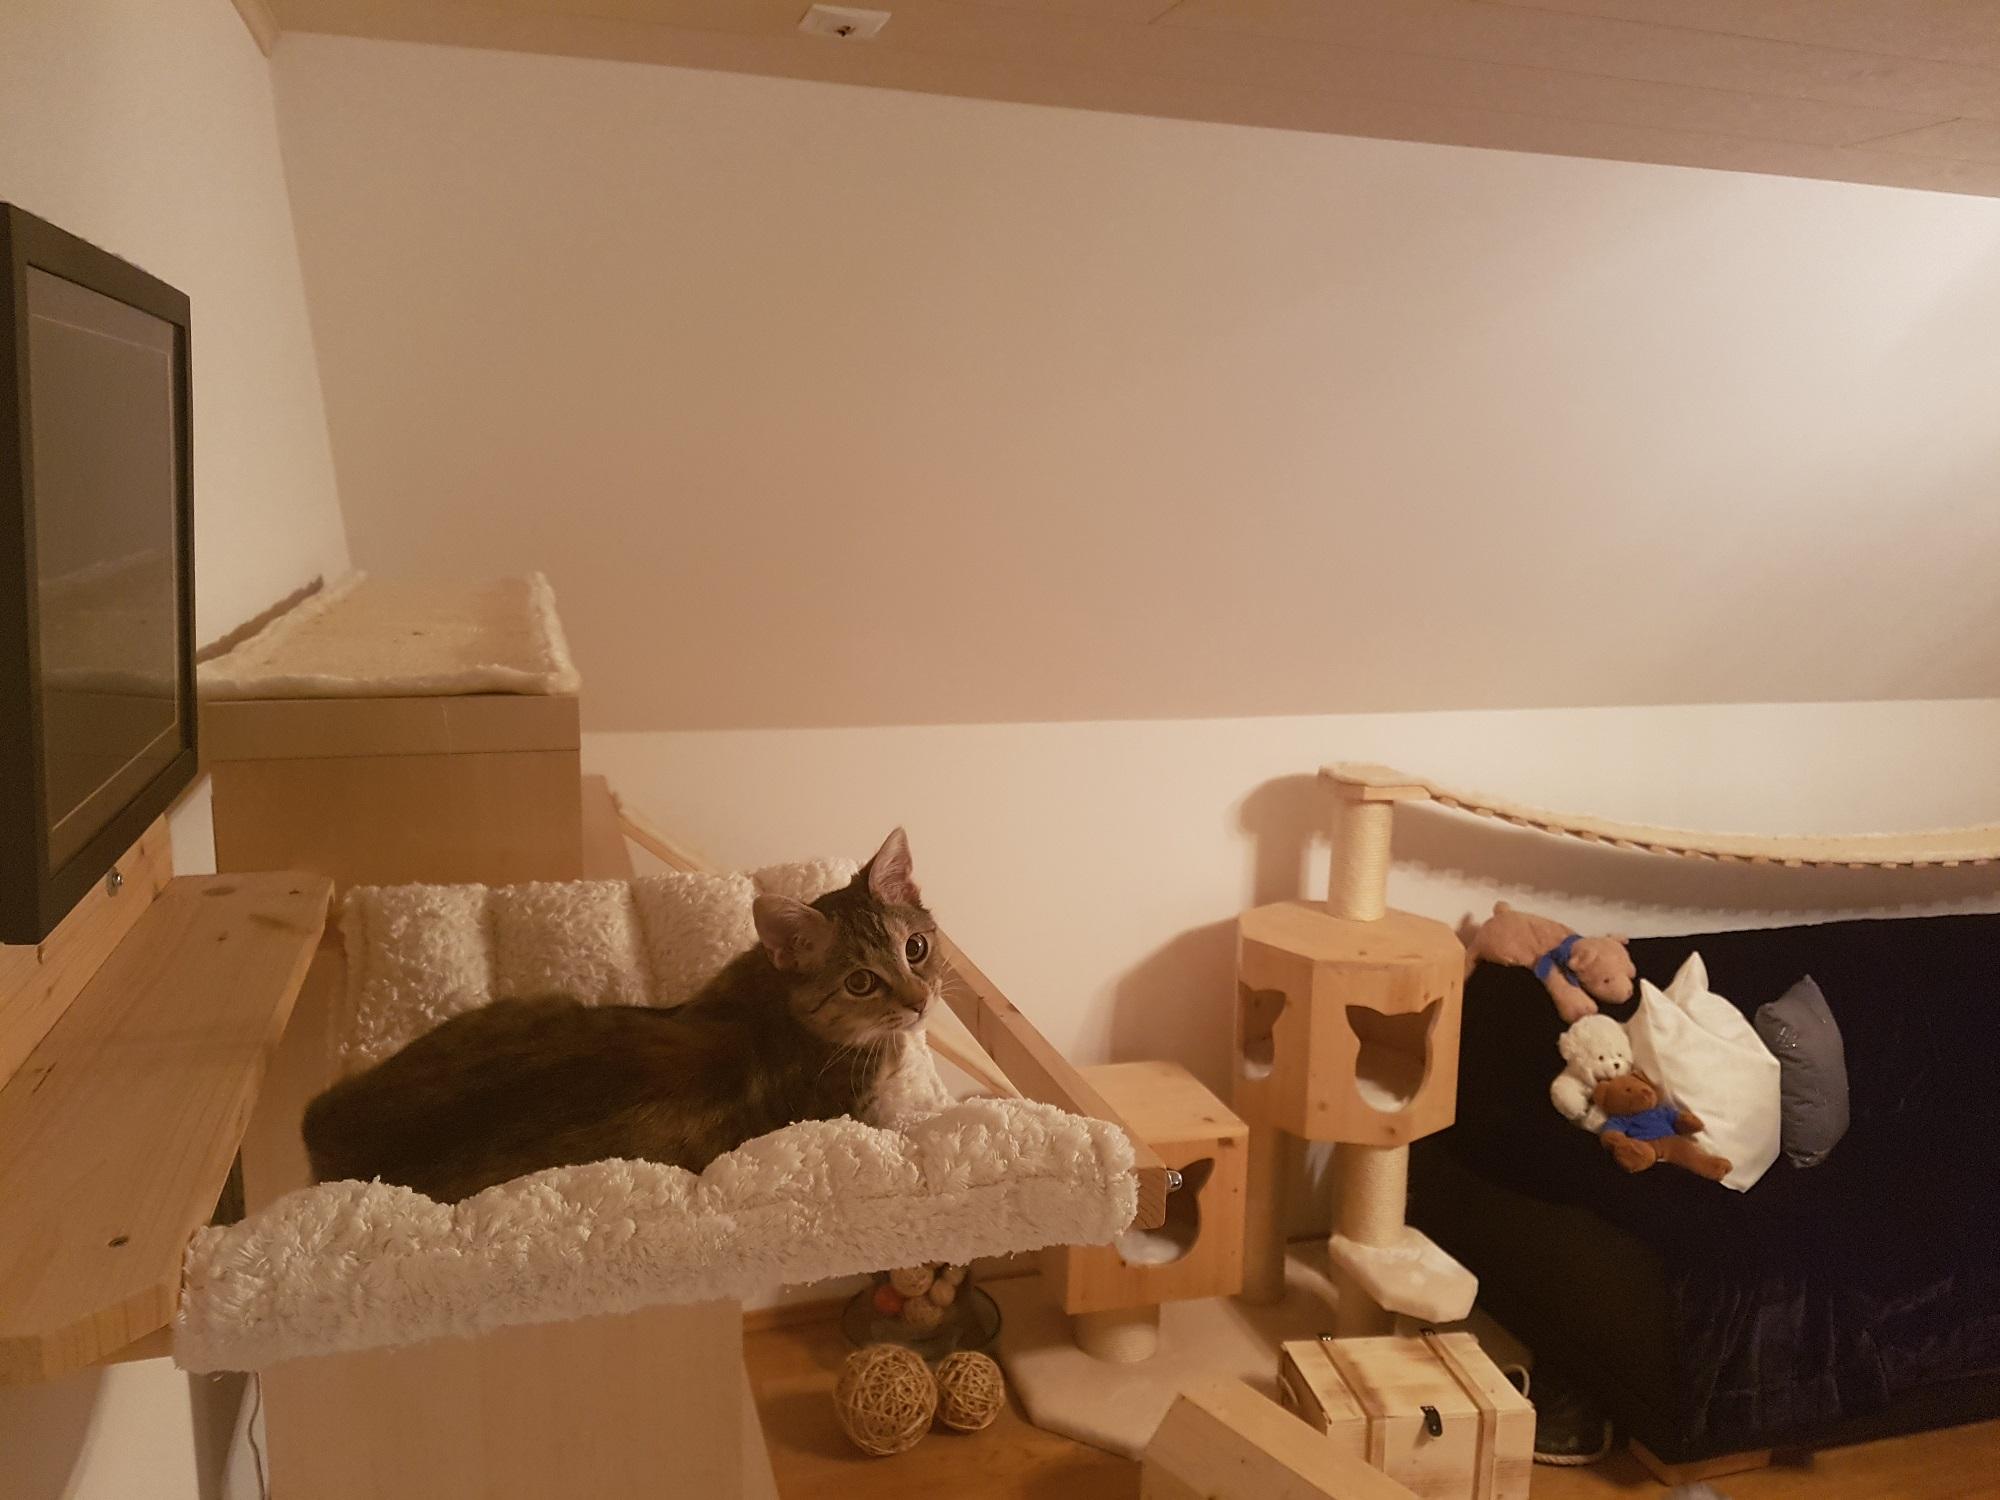 katzenbett selber bauen ag74 messianica. Black Bedroom Furniture Sets. Home Design Ideas